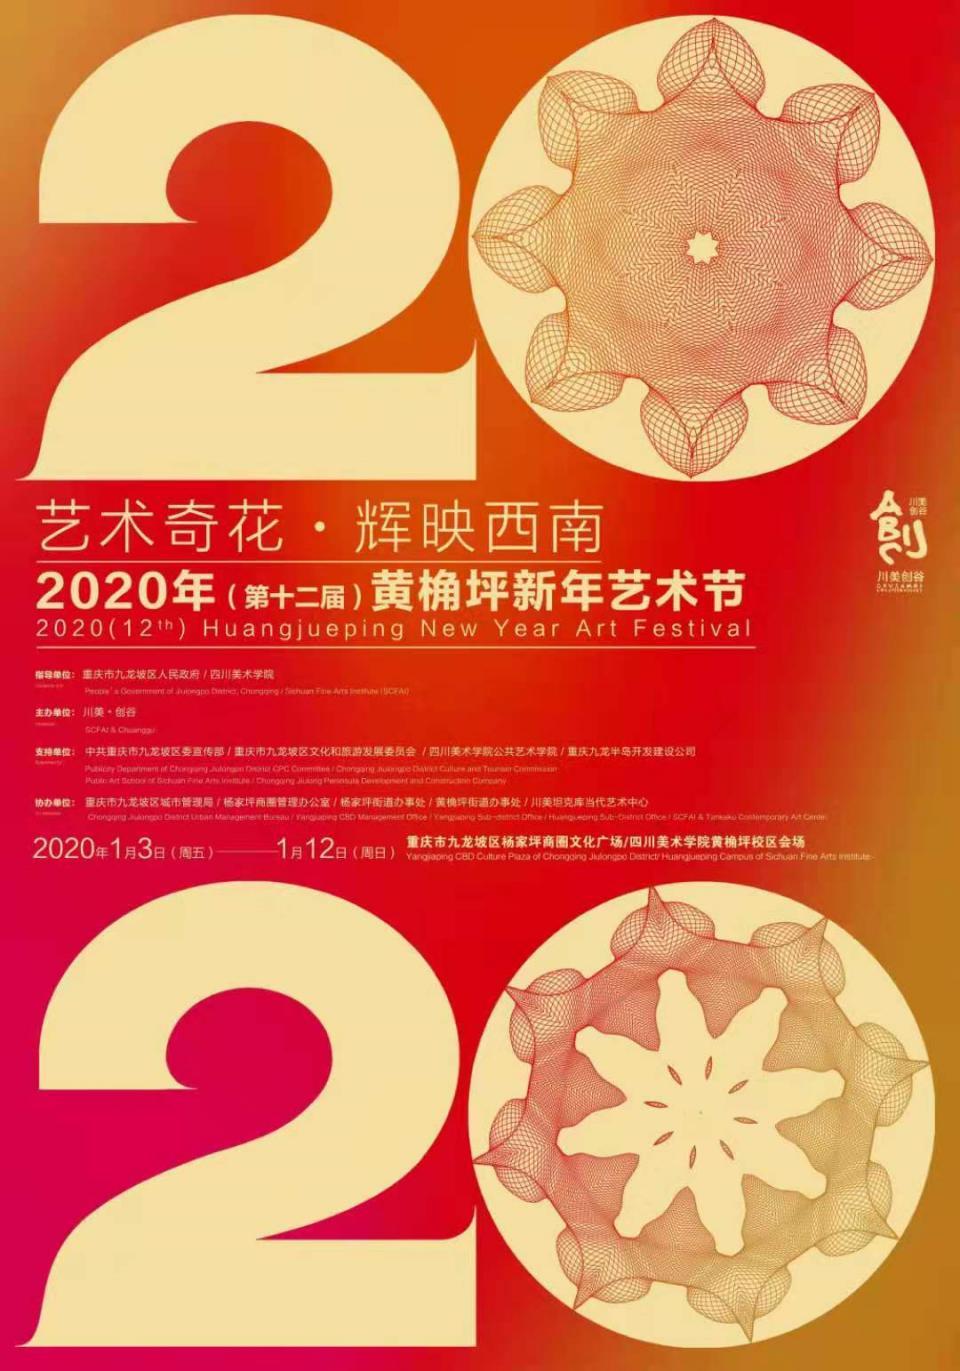 第12届黄桷坪艺术节 9大主题艺术展1月3日即将隆重揭幕